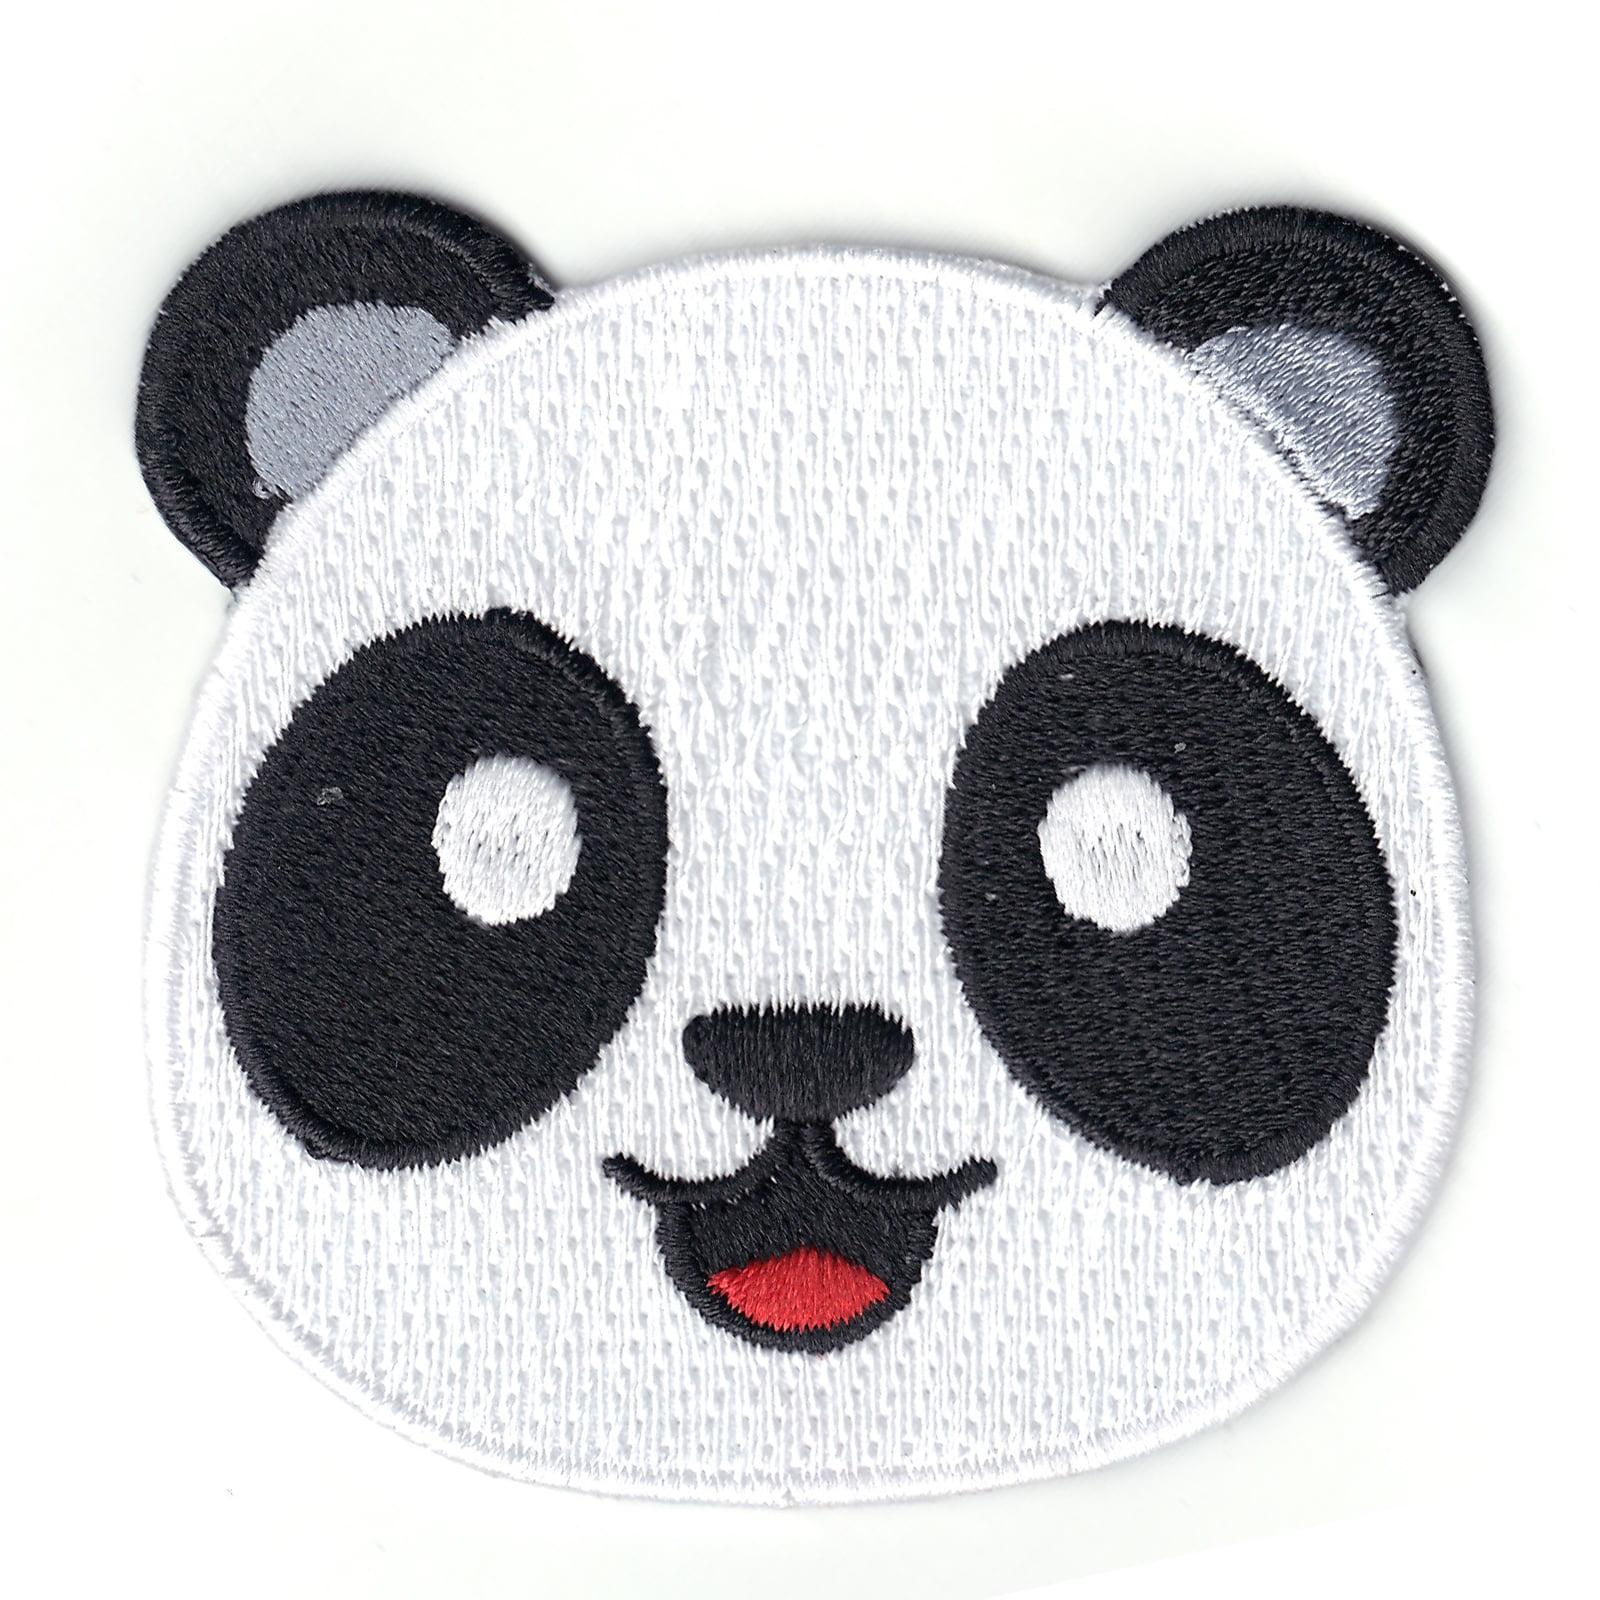 Smiling Panda Emoji Iron On Patch